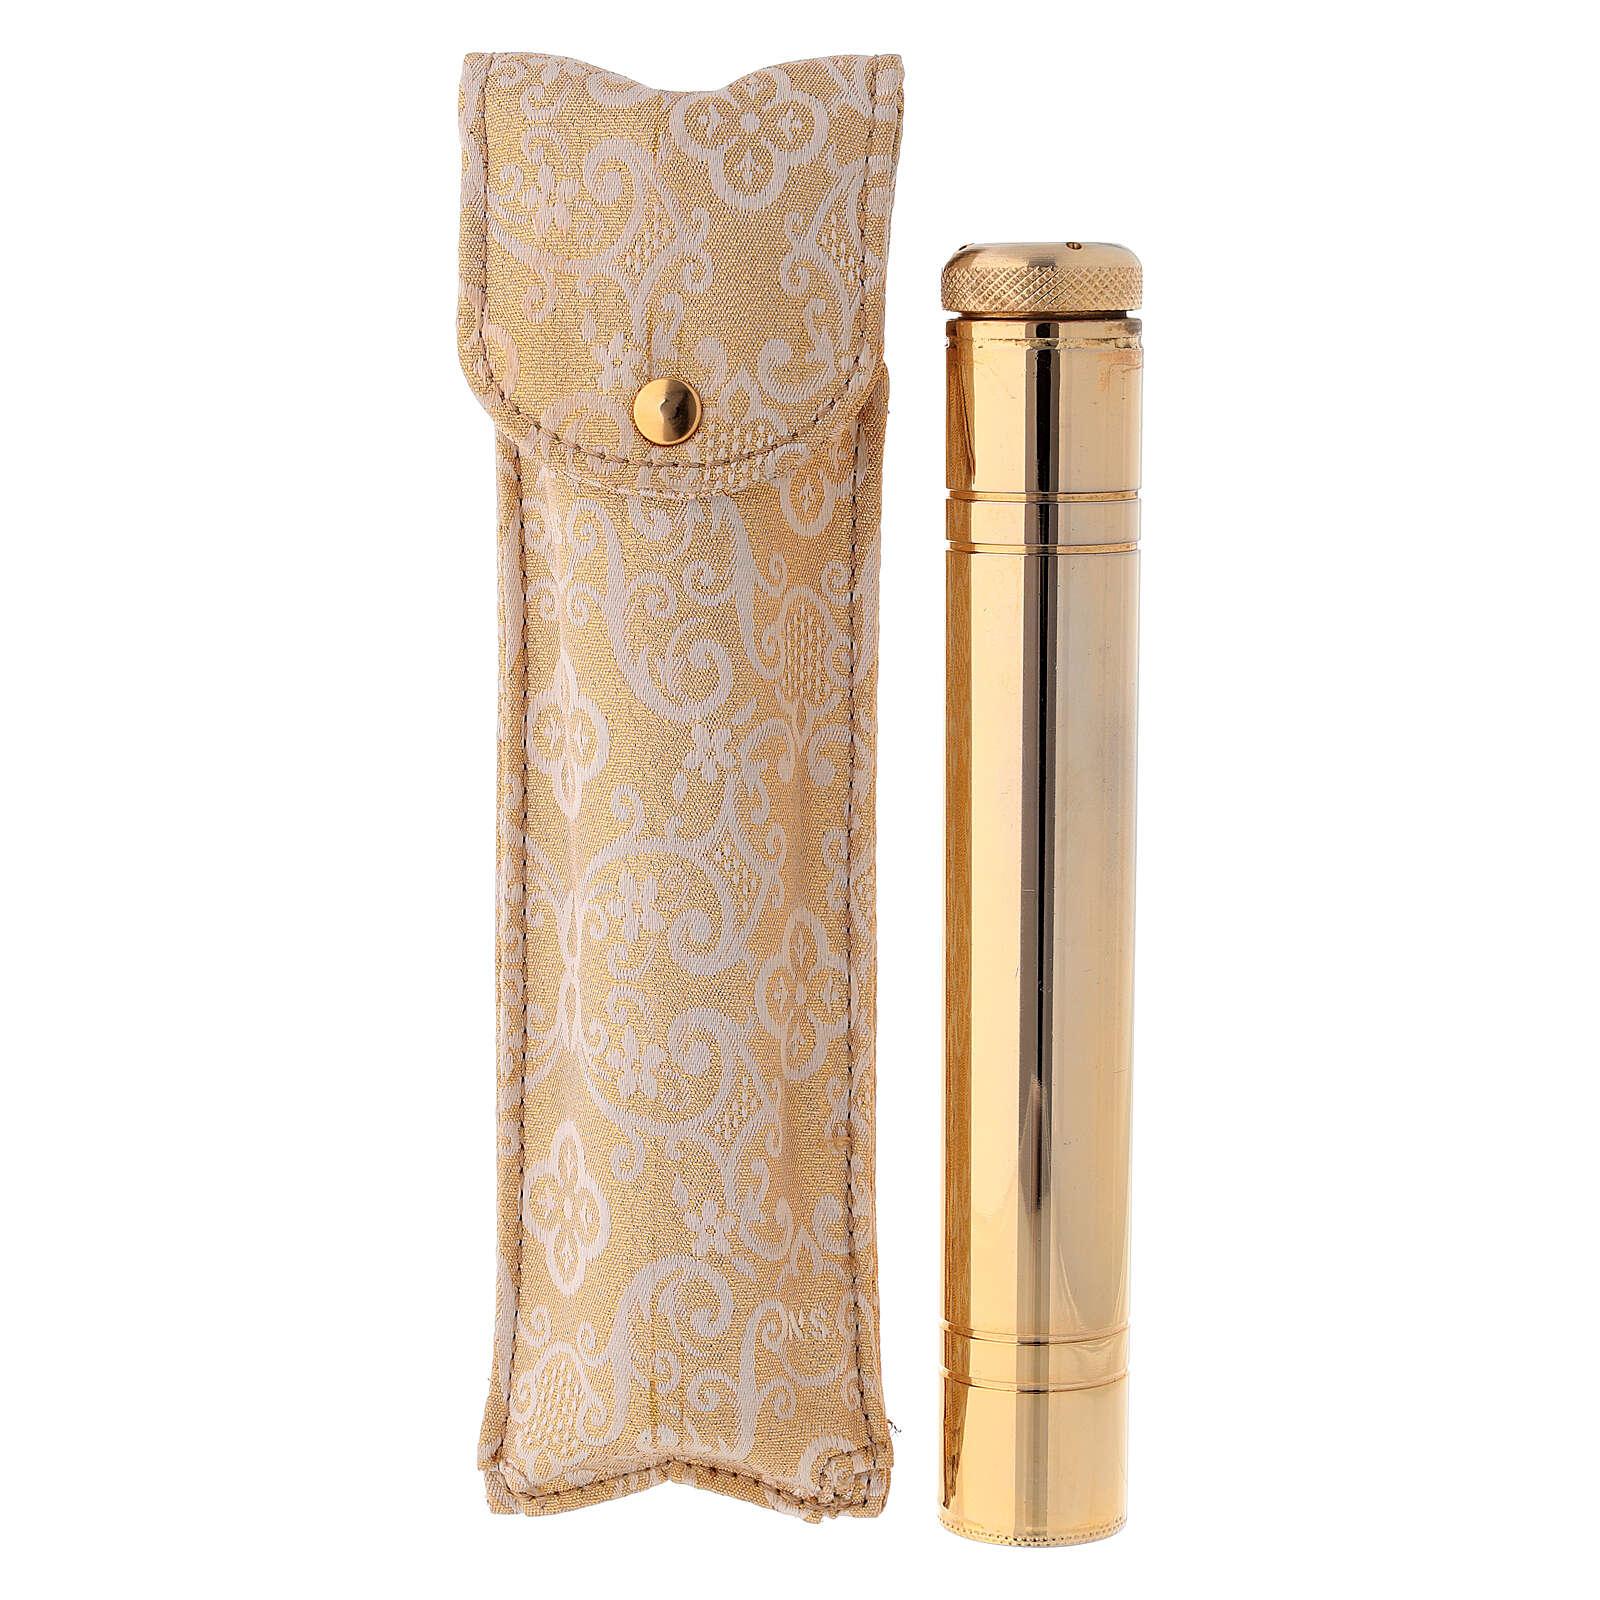 Aspersoir 16 cm doré étui jacquard or clair 3